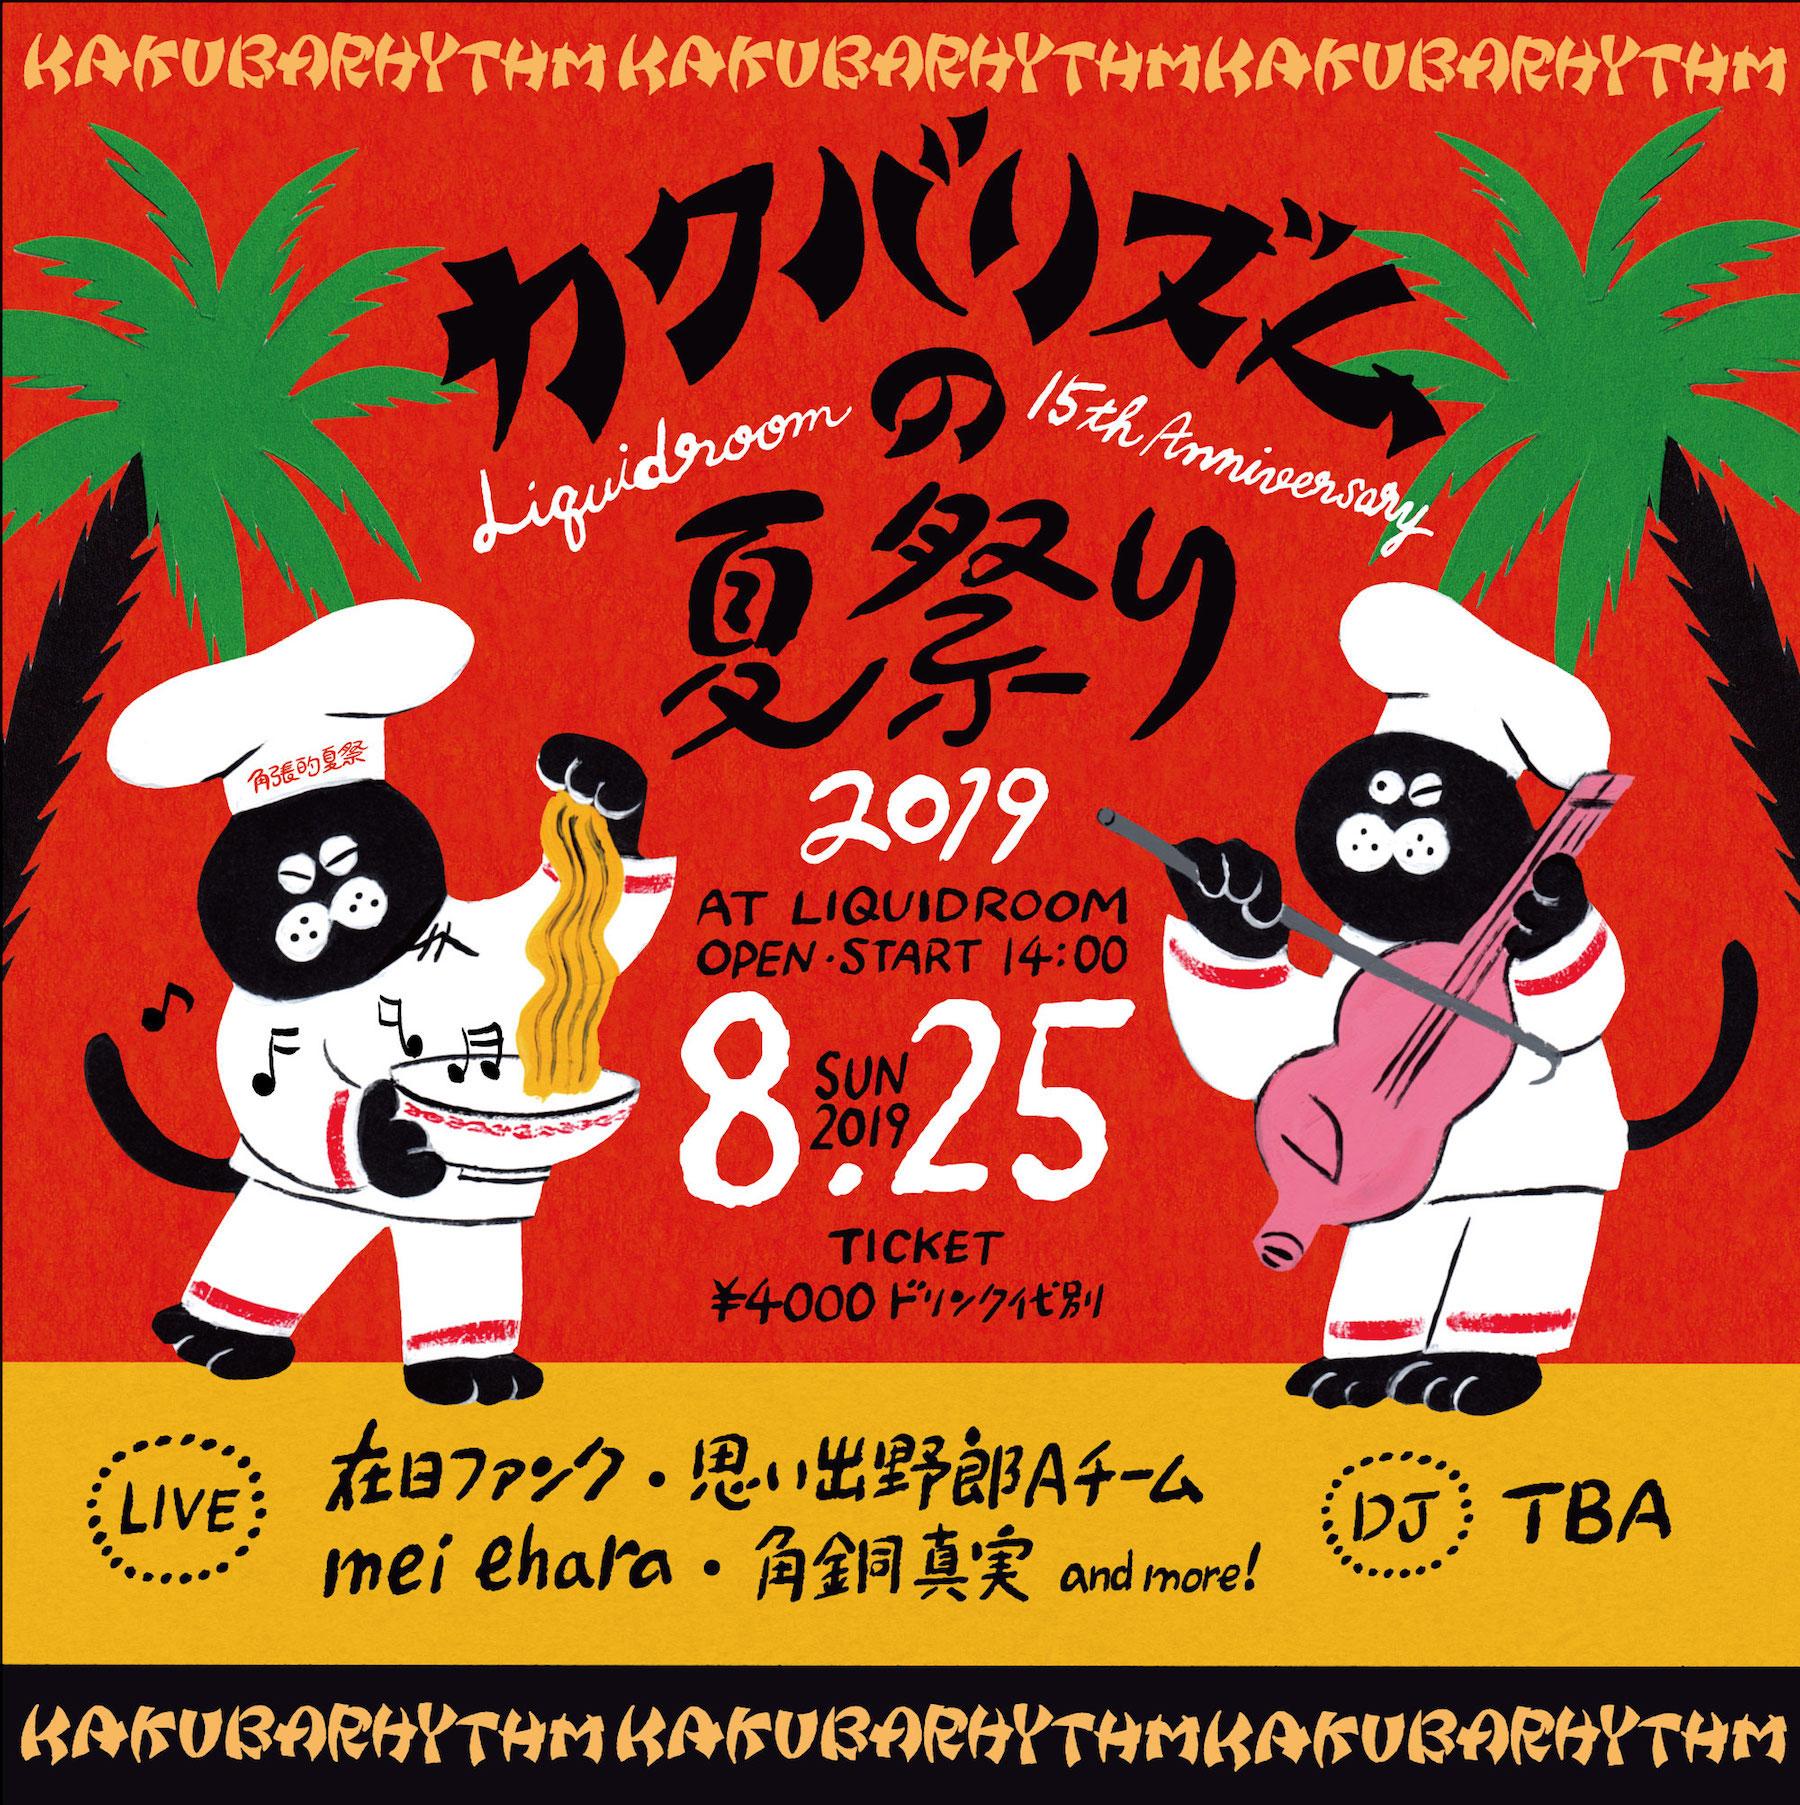 カクバリズムの夏祭り2019